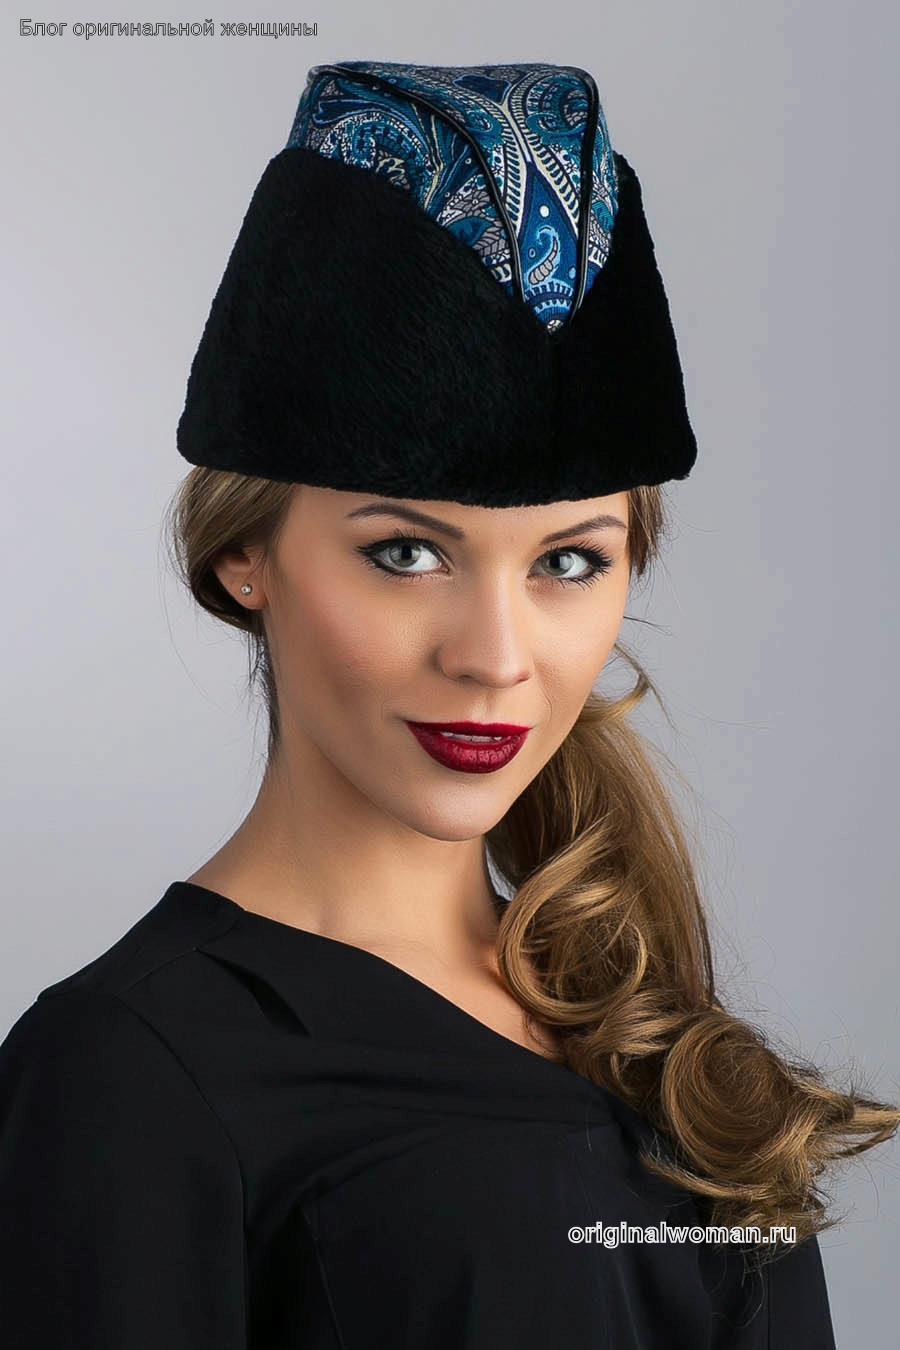 Женские шапки 2017-2018 года: модные тенденции (50) фото